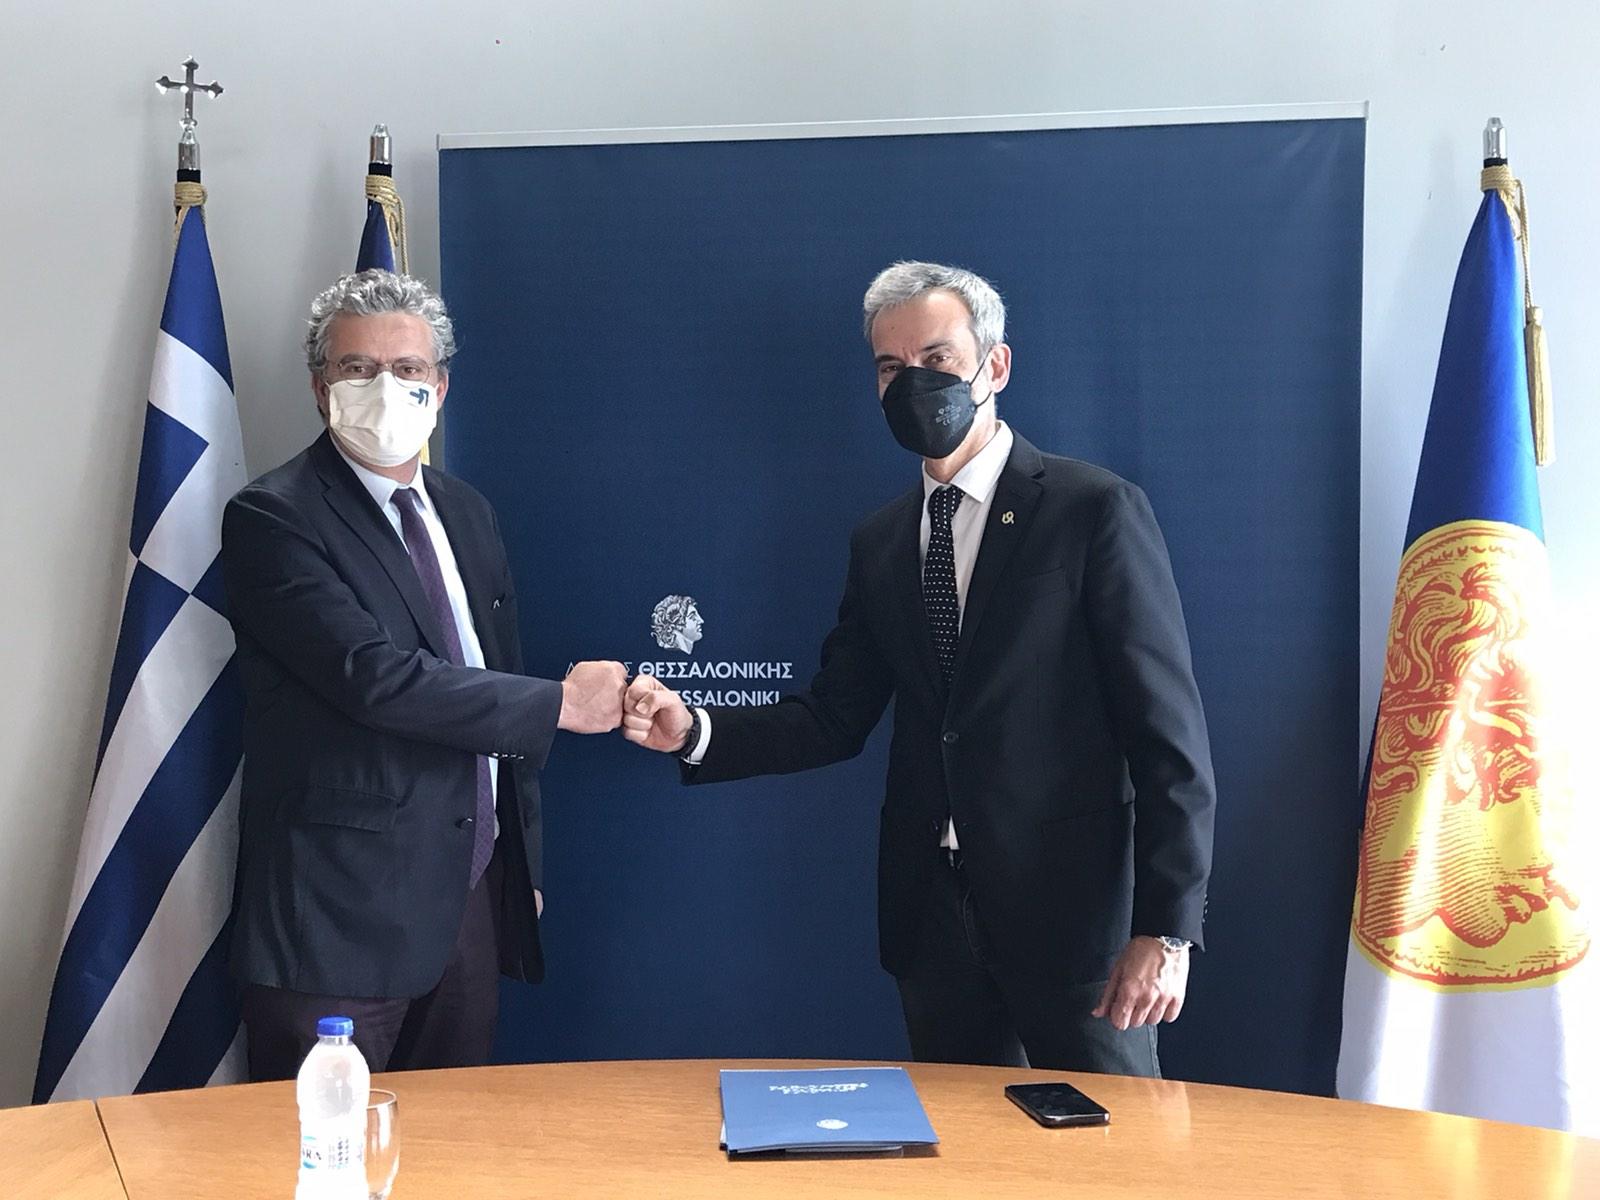 Συνάντηση του Δημάρχου Θεσσαλονίκης Κωνσταντίνου Ζέρβα με τον Συνήγορο του Πολίτη Ανδρέα Ποττάκη